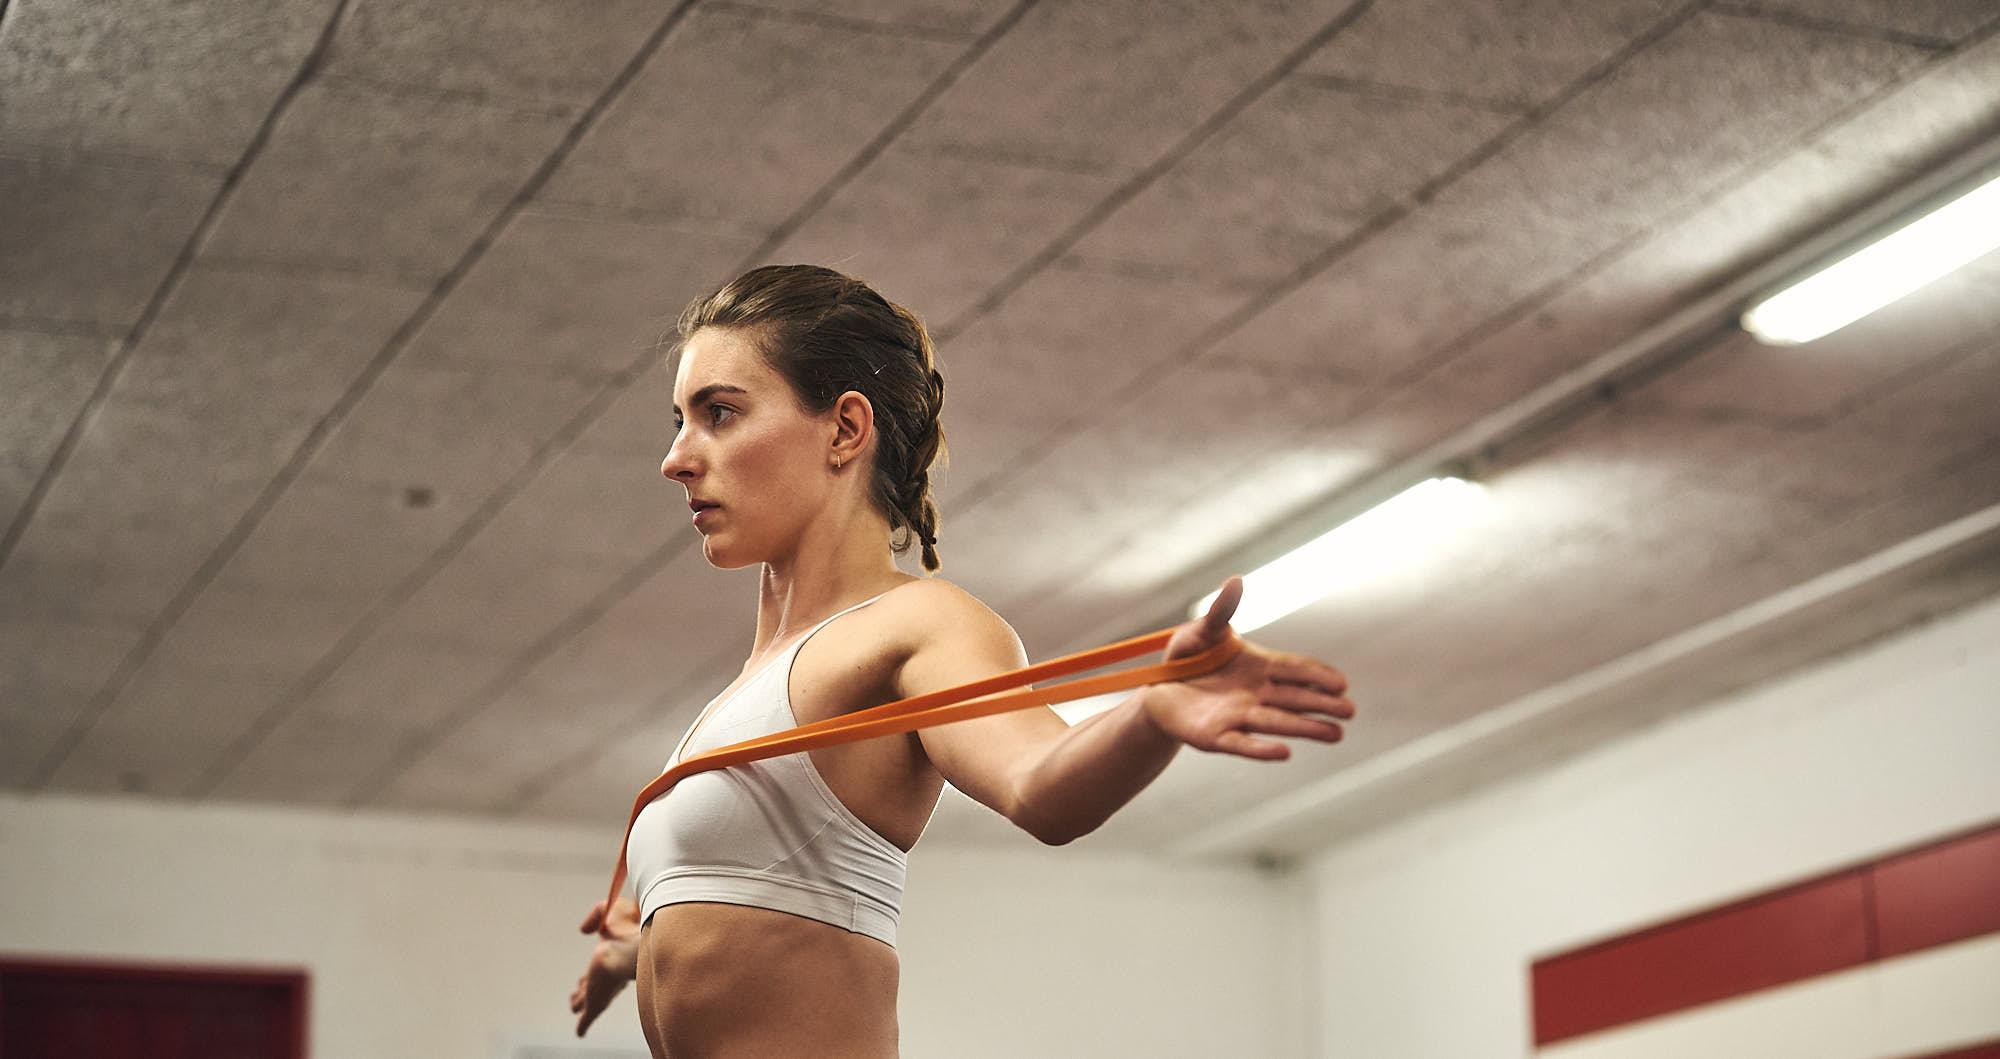 Bianca Baak stretching in a gym